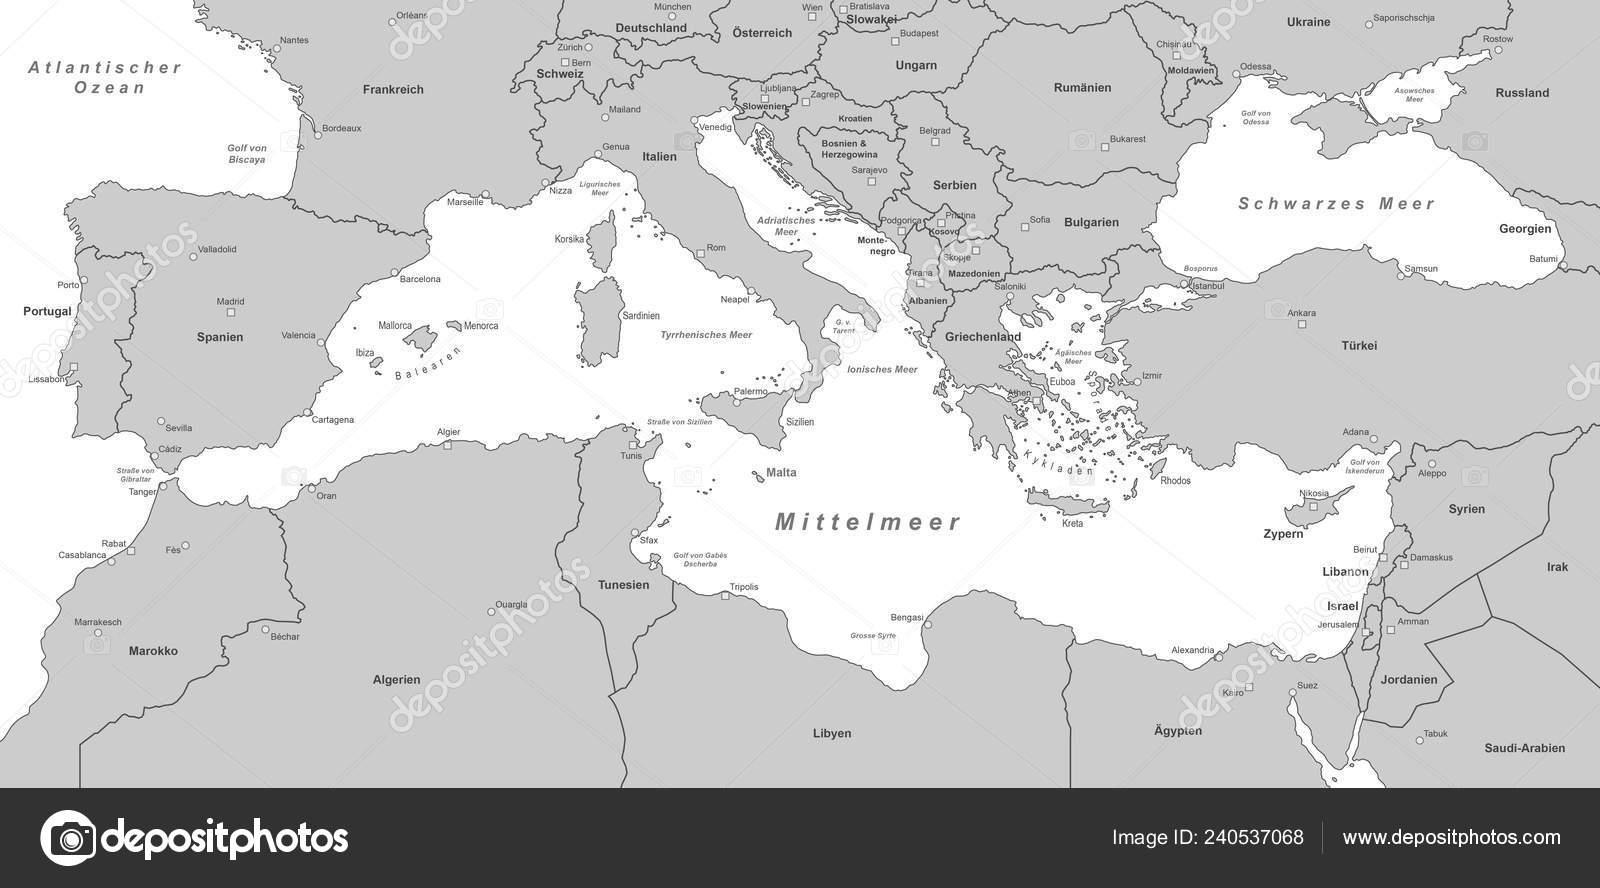 Mapa Del Mar Mediterraneo.Mapa Mar Mediterraneo Archivo Imagenes Vectoriales C Ii